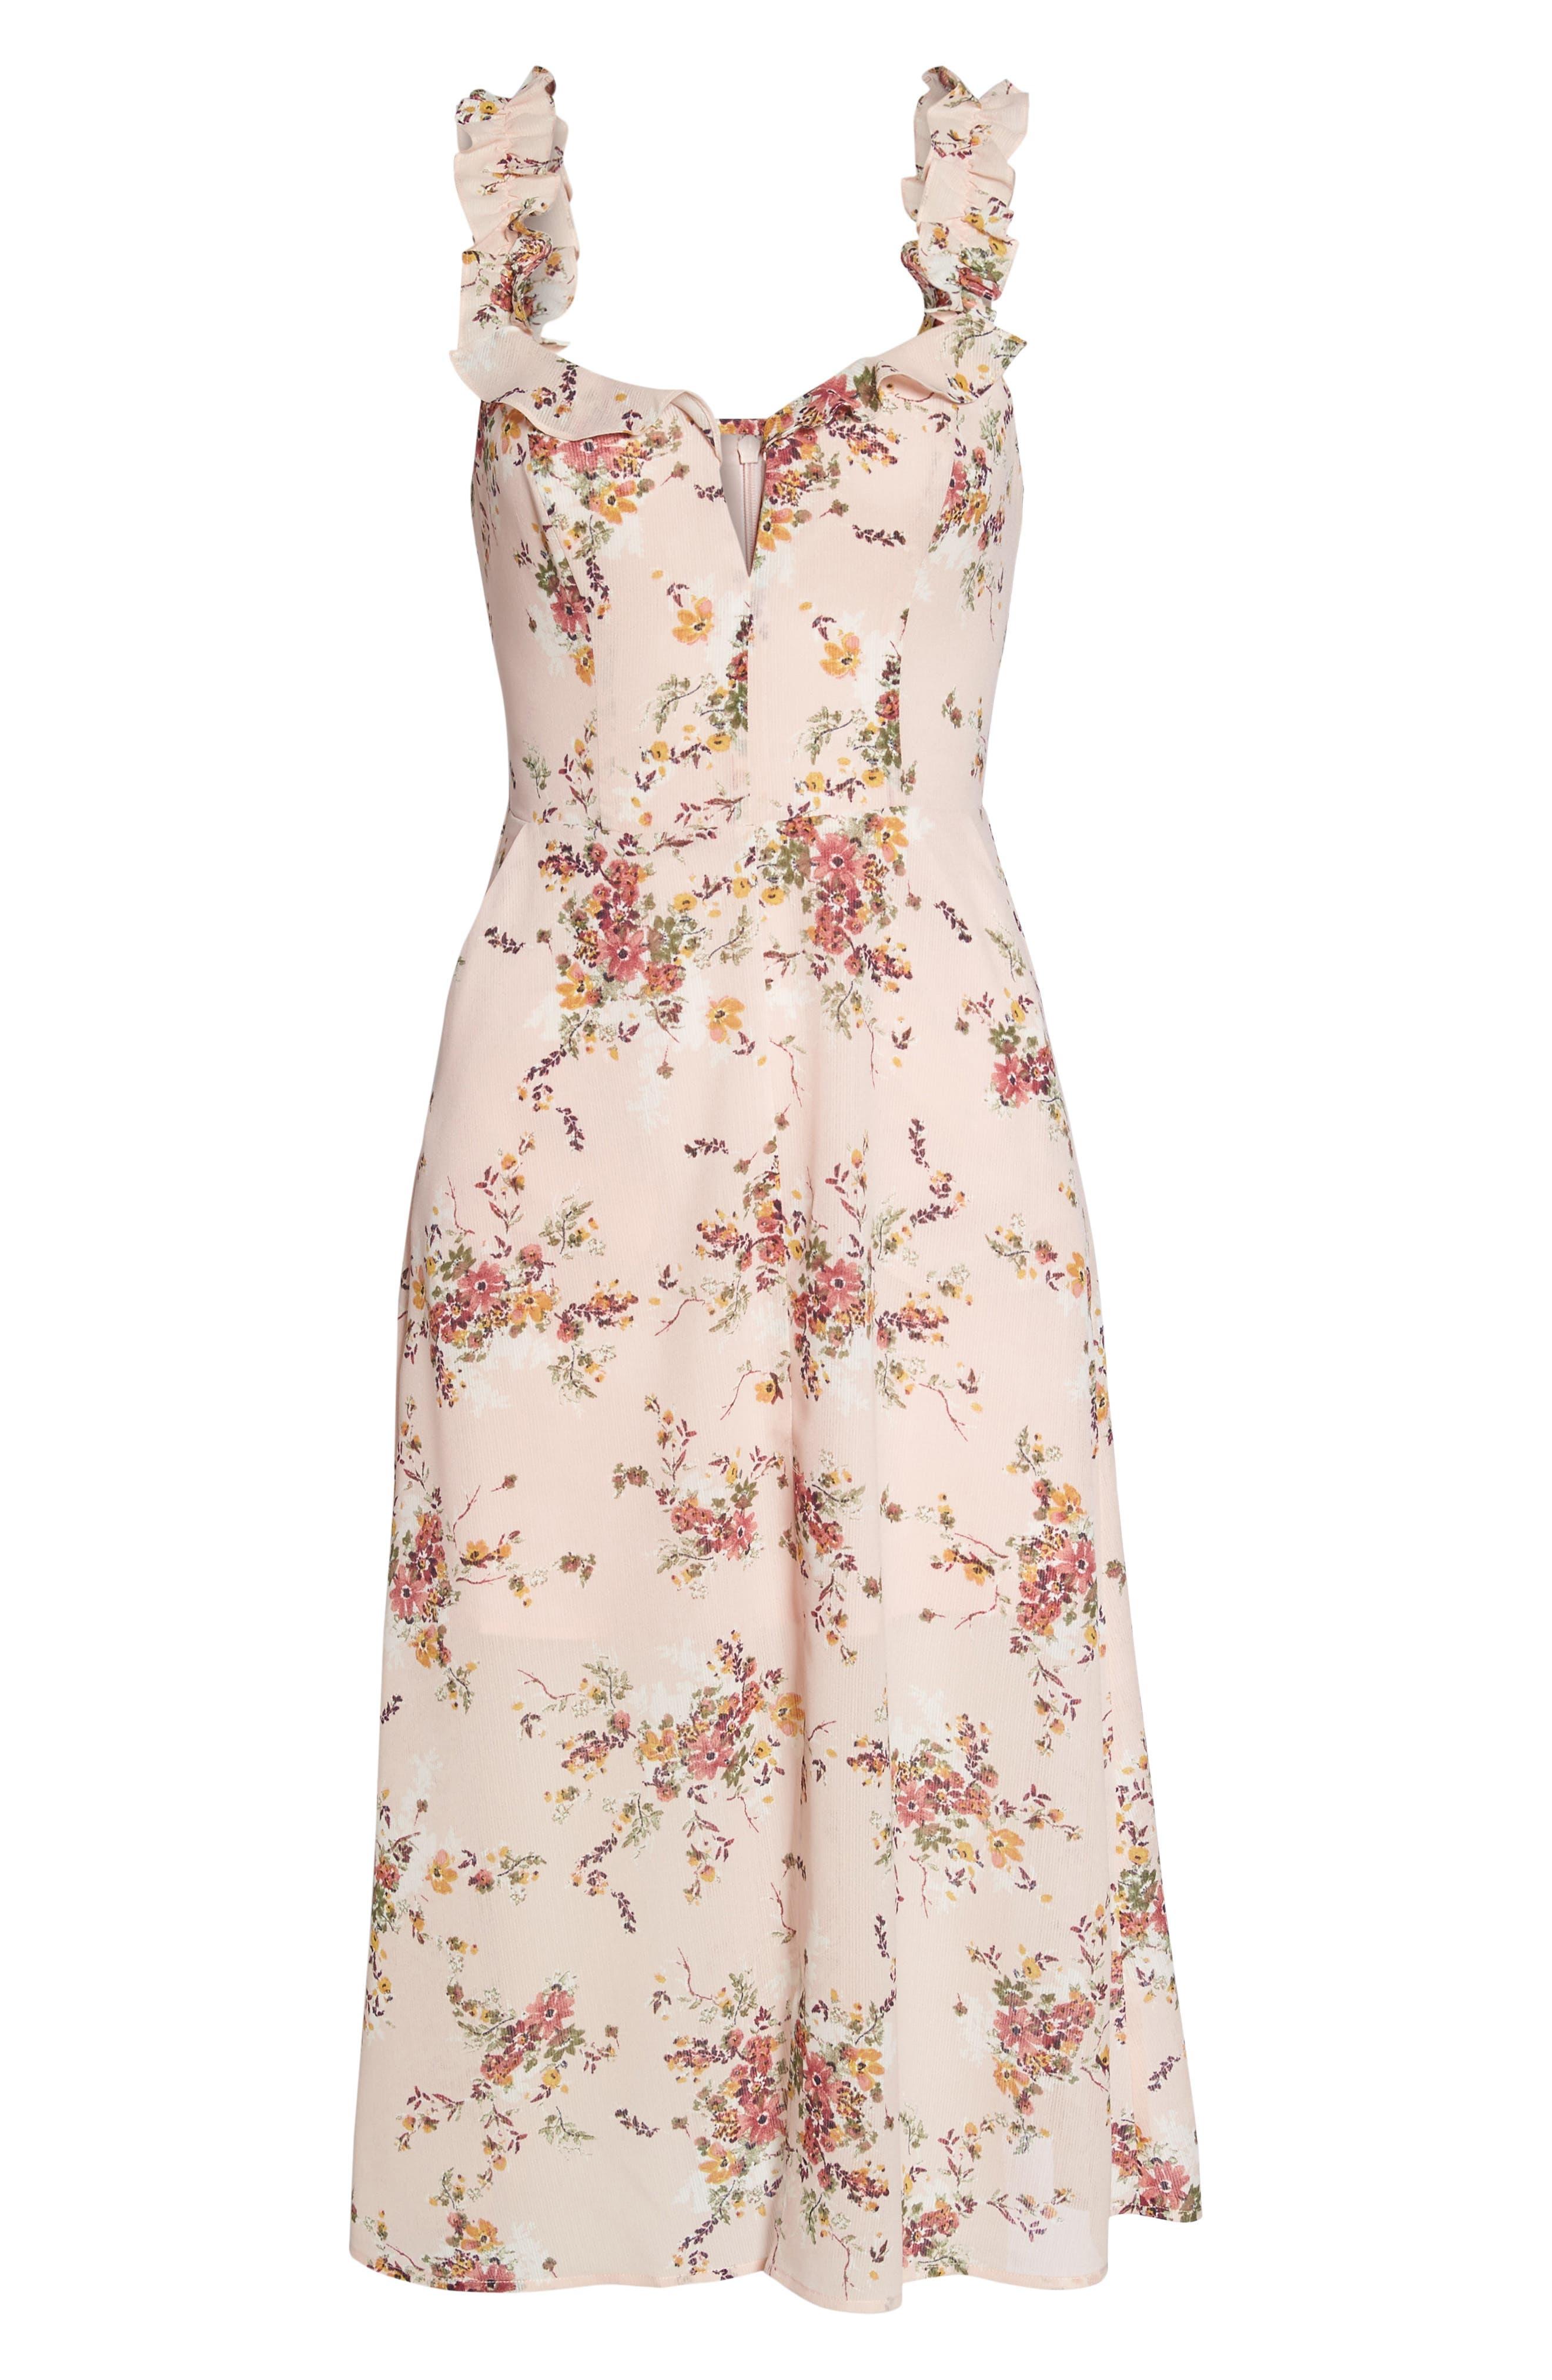 Atwater Village Midi Dress,                             Alternate thumbnail 6, color,                             Blush Vintage Bouquet